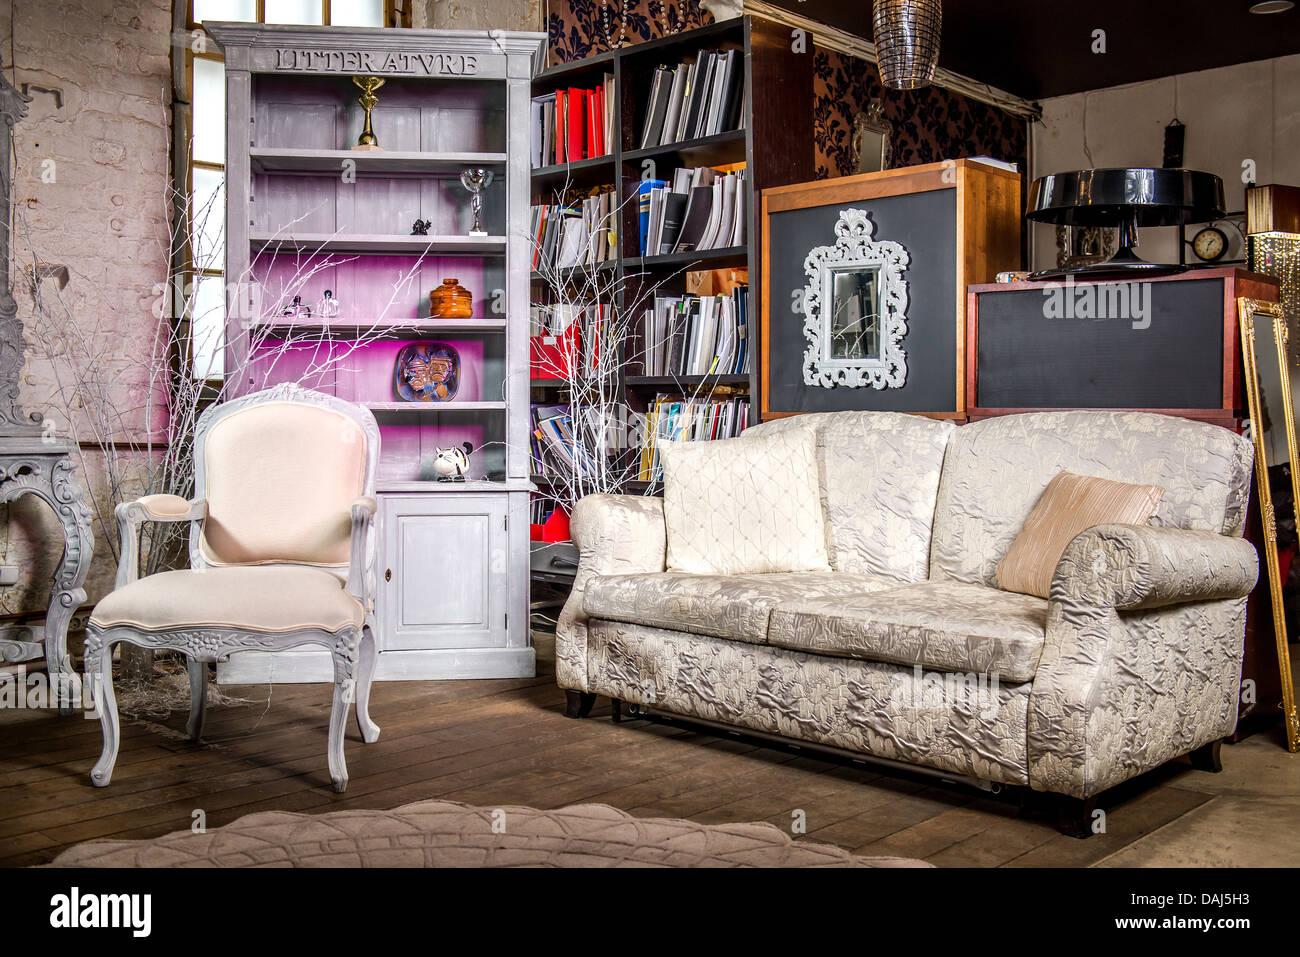 Vintage Interieur Wohnzimmer Stockfoto, Bild: 58177199 - Alamy